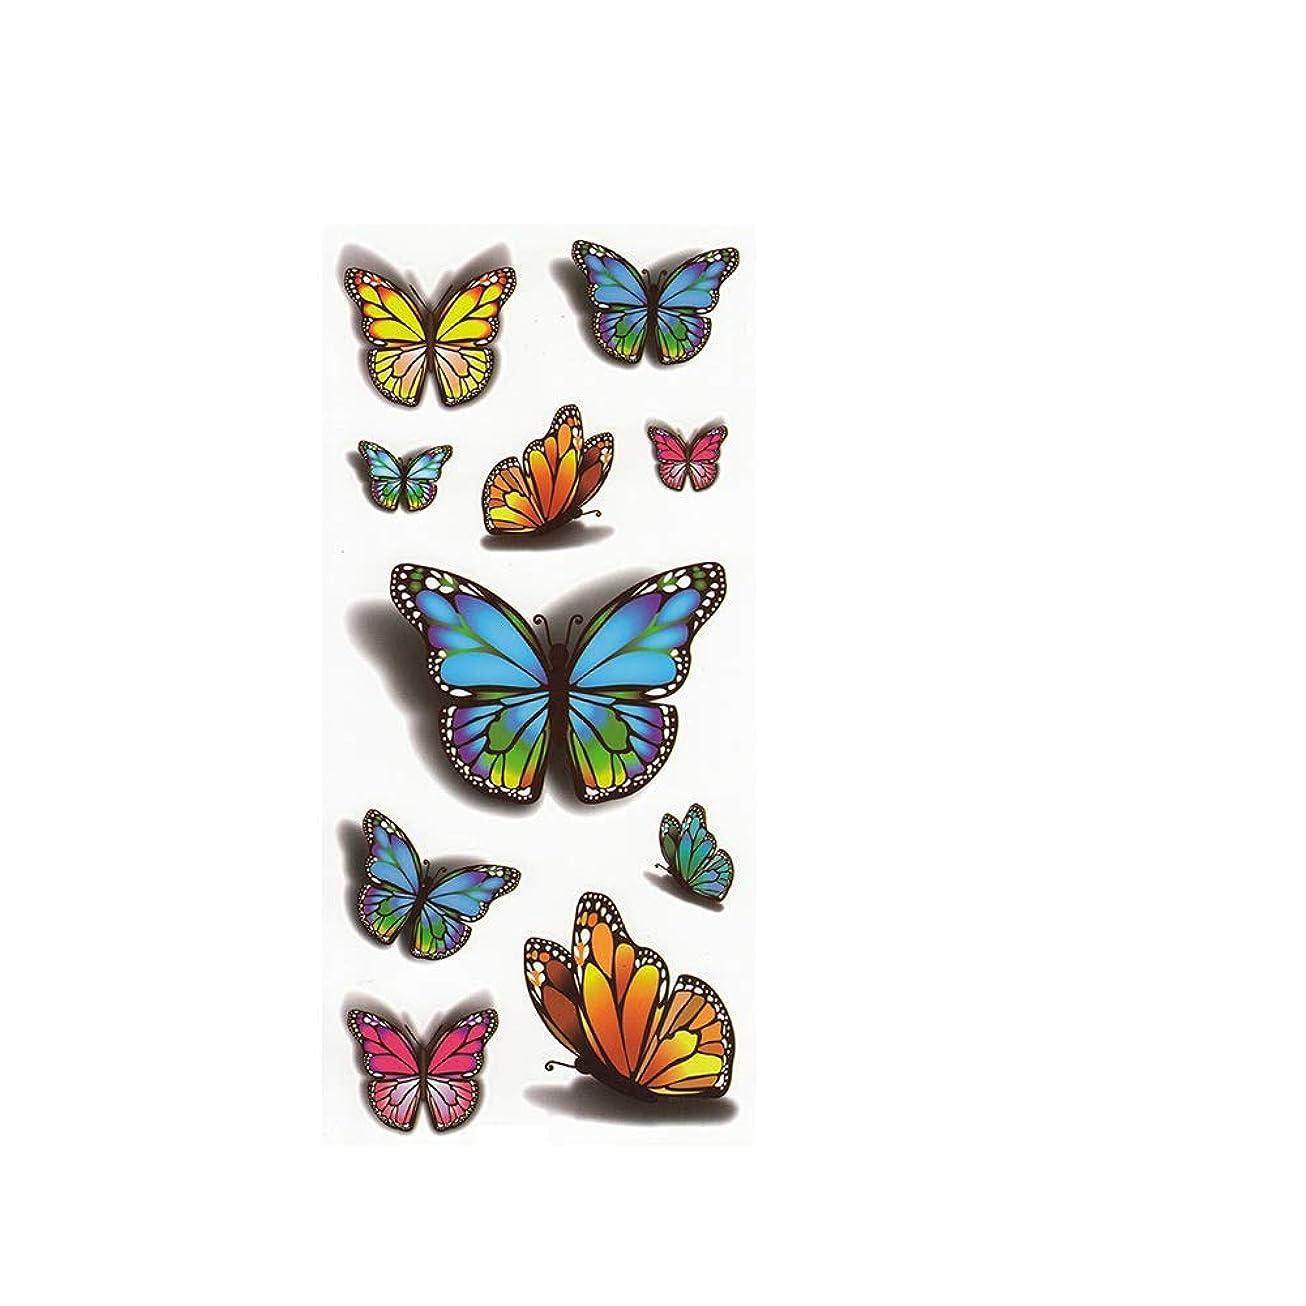 田舎華氏尊敬するChinashow 6防水一時的なフェイクタトゥーアームエミュレーションタトゥー 3Dカラフルな蝶 タトゥーステッカーセット